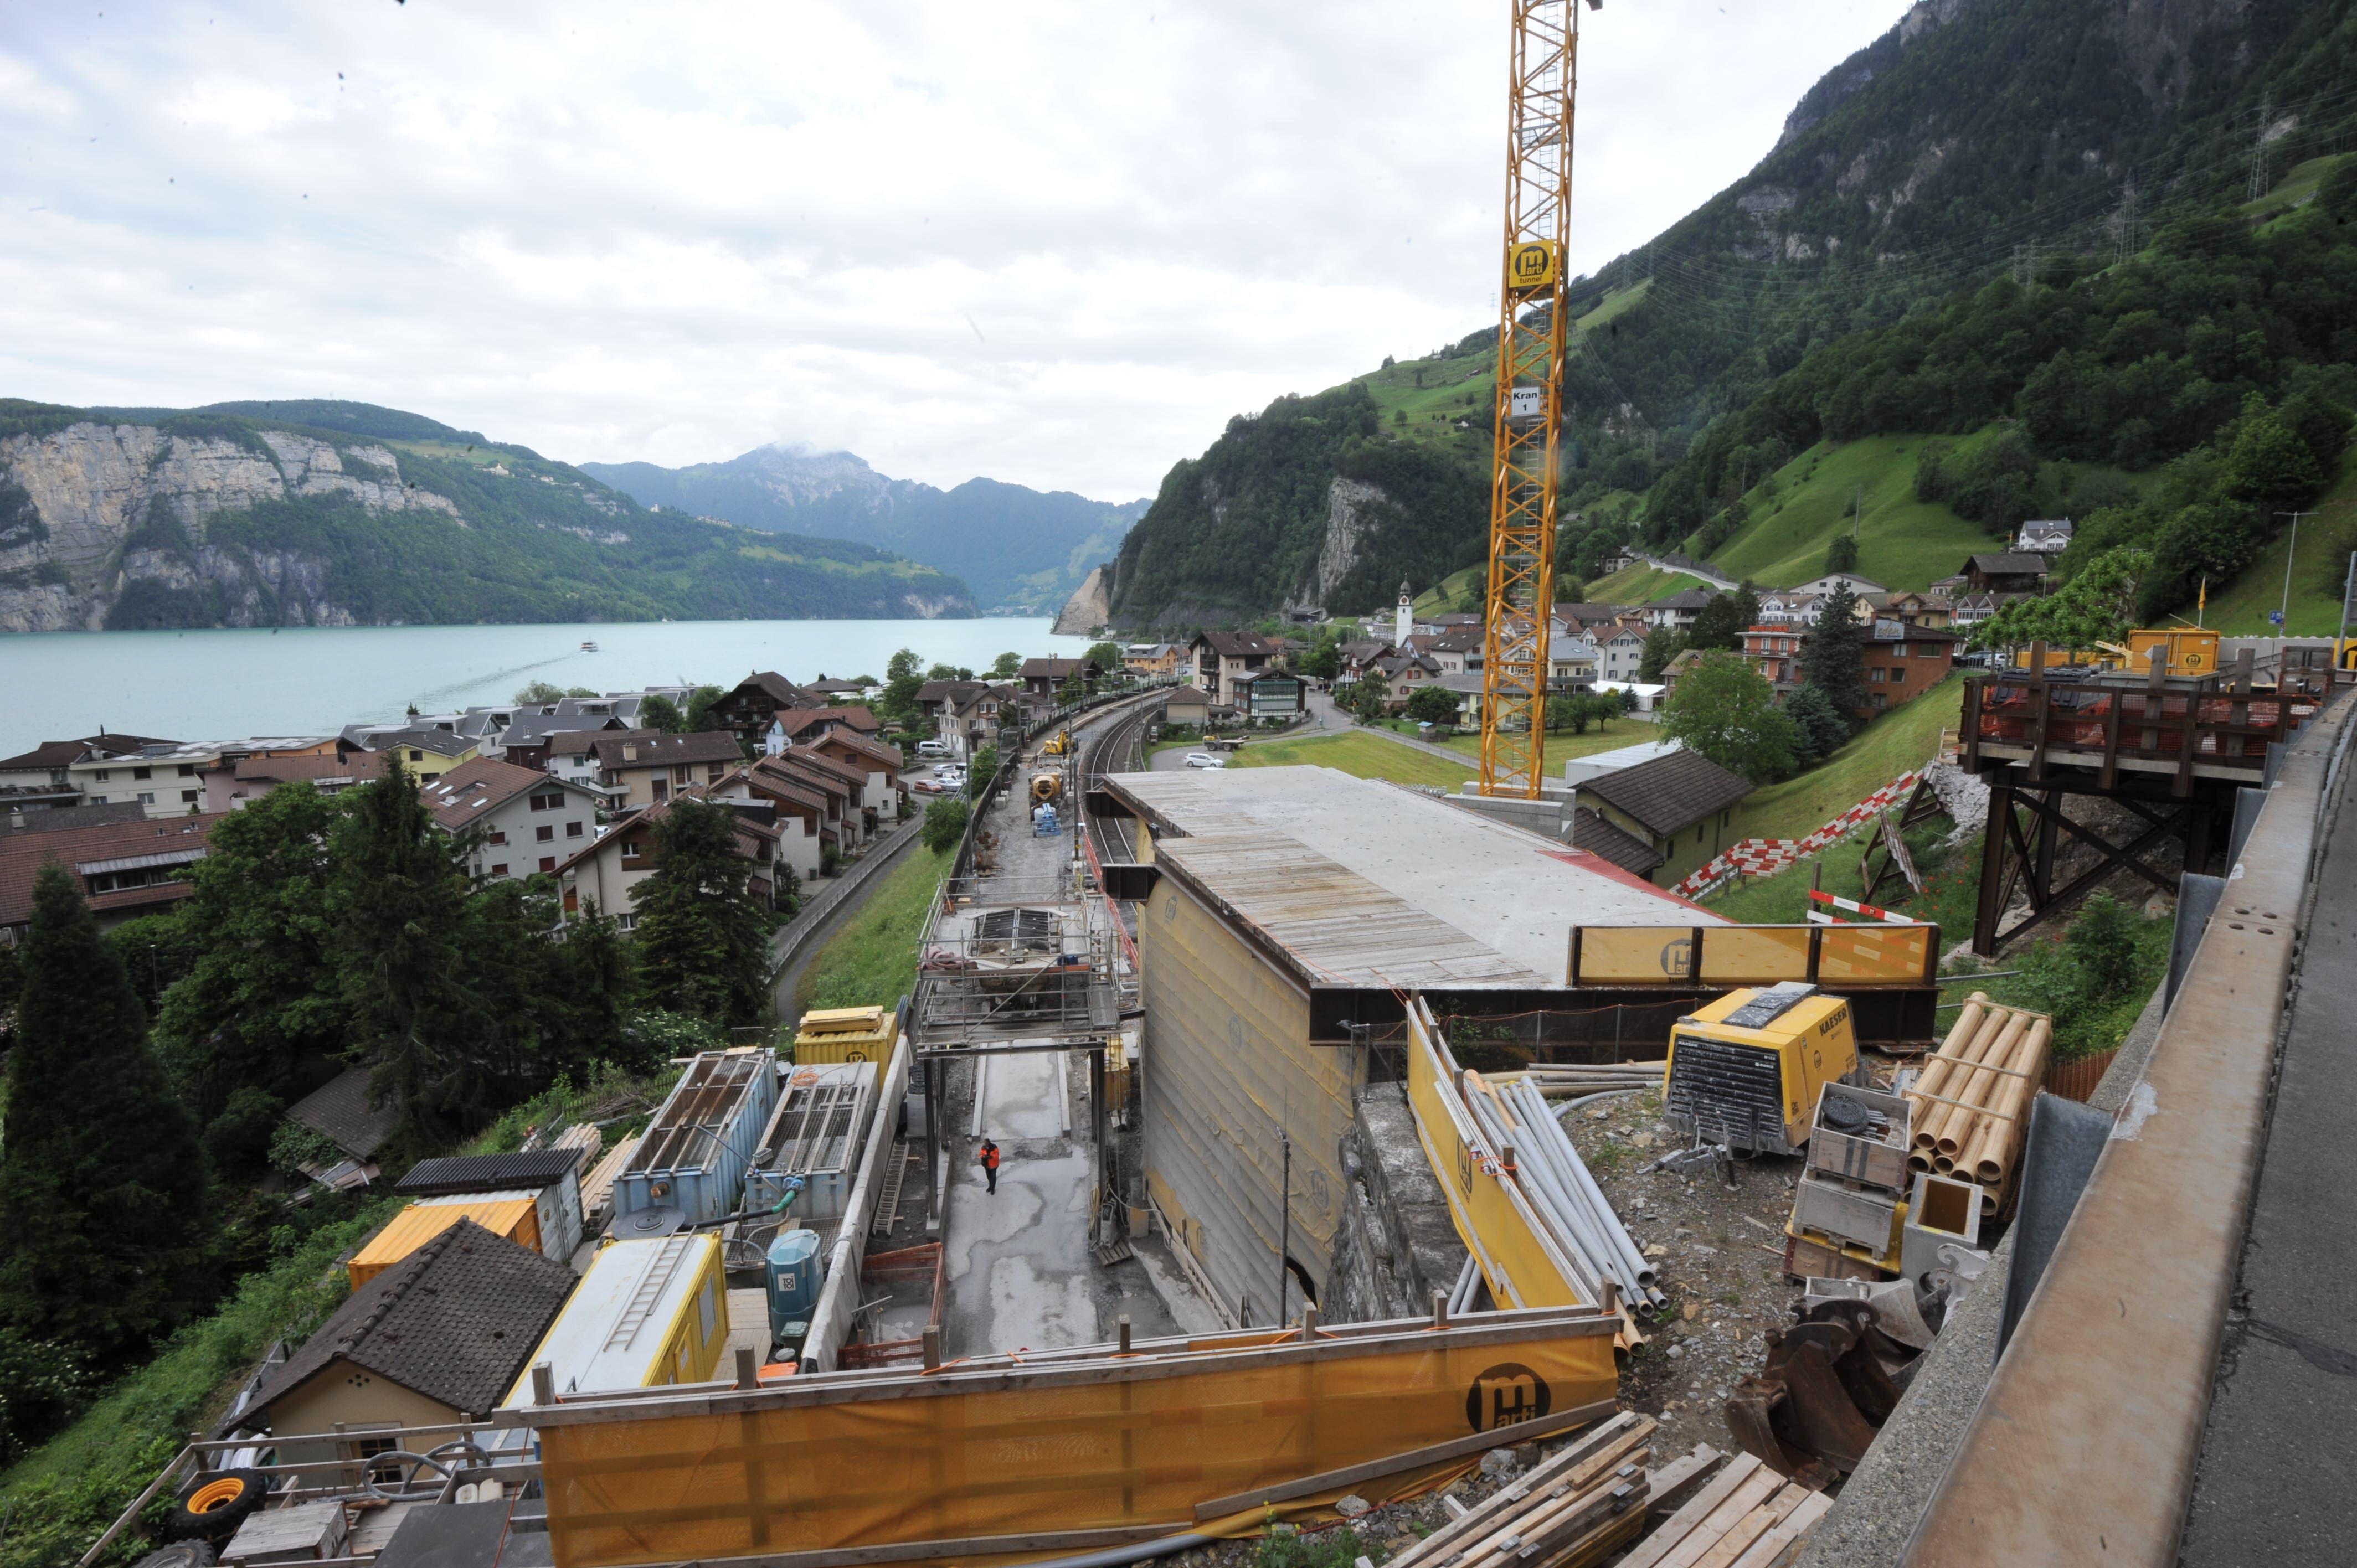 Noch herrscht in Sisikon reger Baubetrieb. Im Dezember 2019 sollen die Arbeiten abgeschlossen sein. (Bilder: Urs Hanhart, 15. Juni 2019)